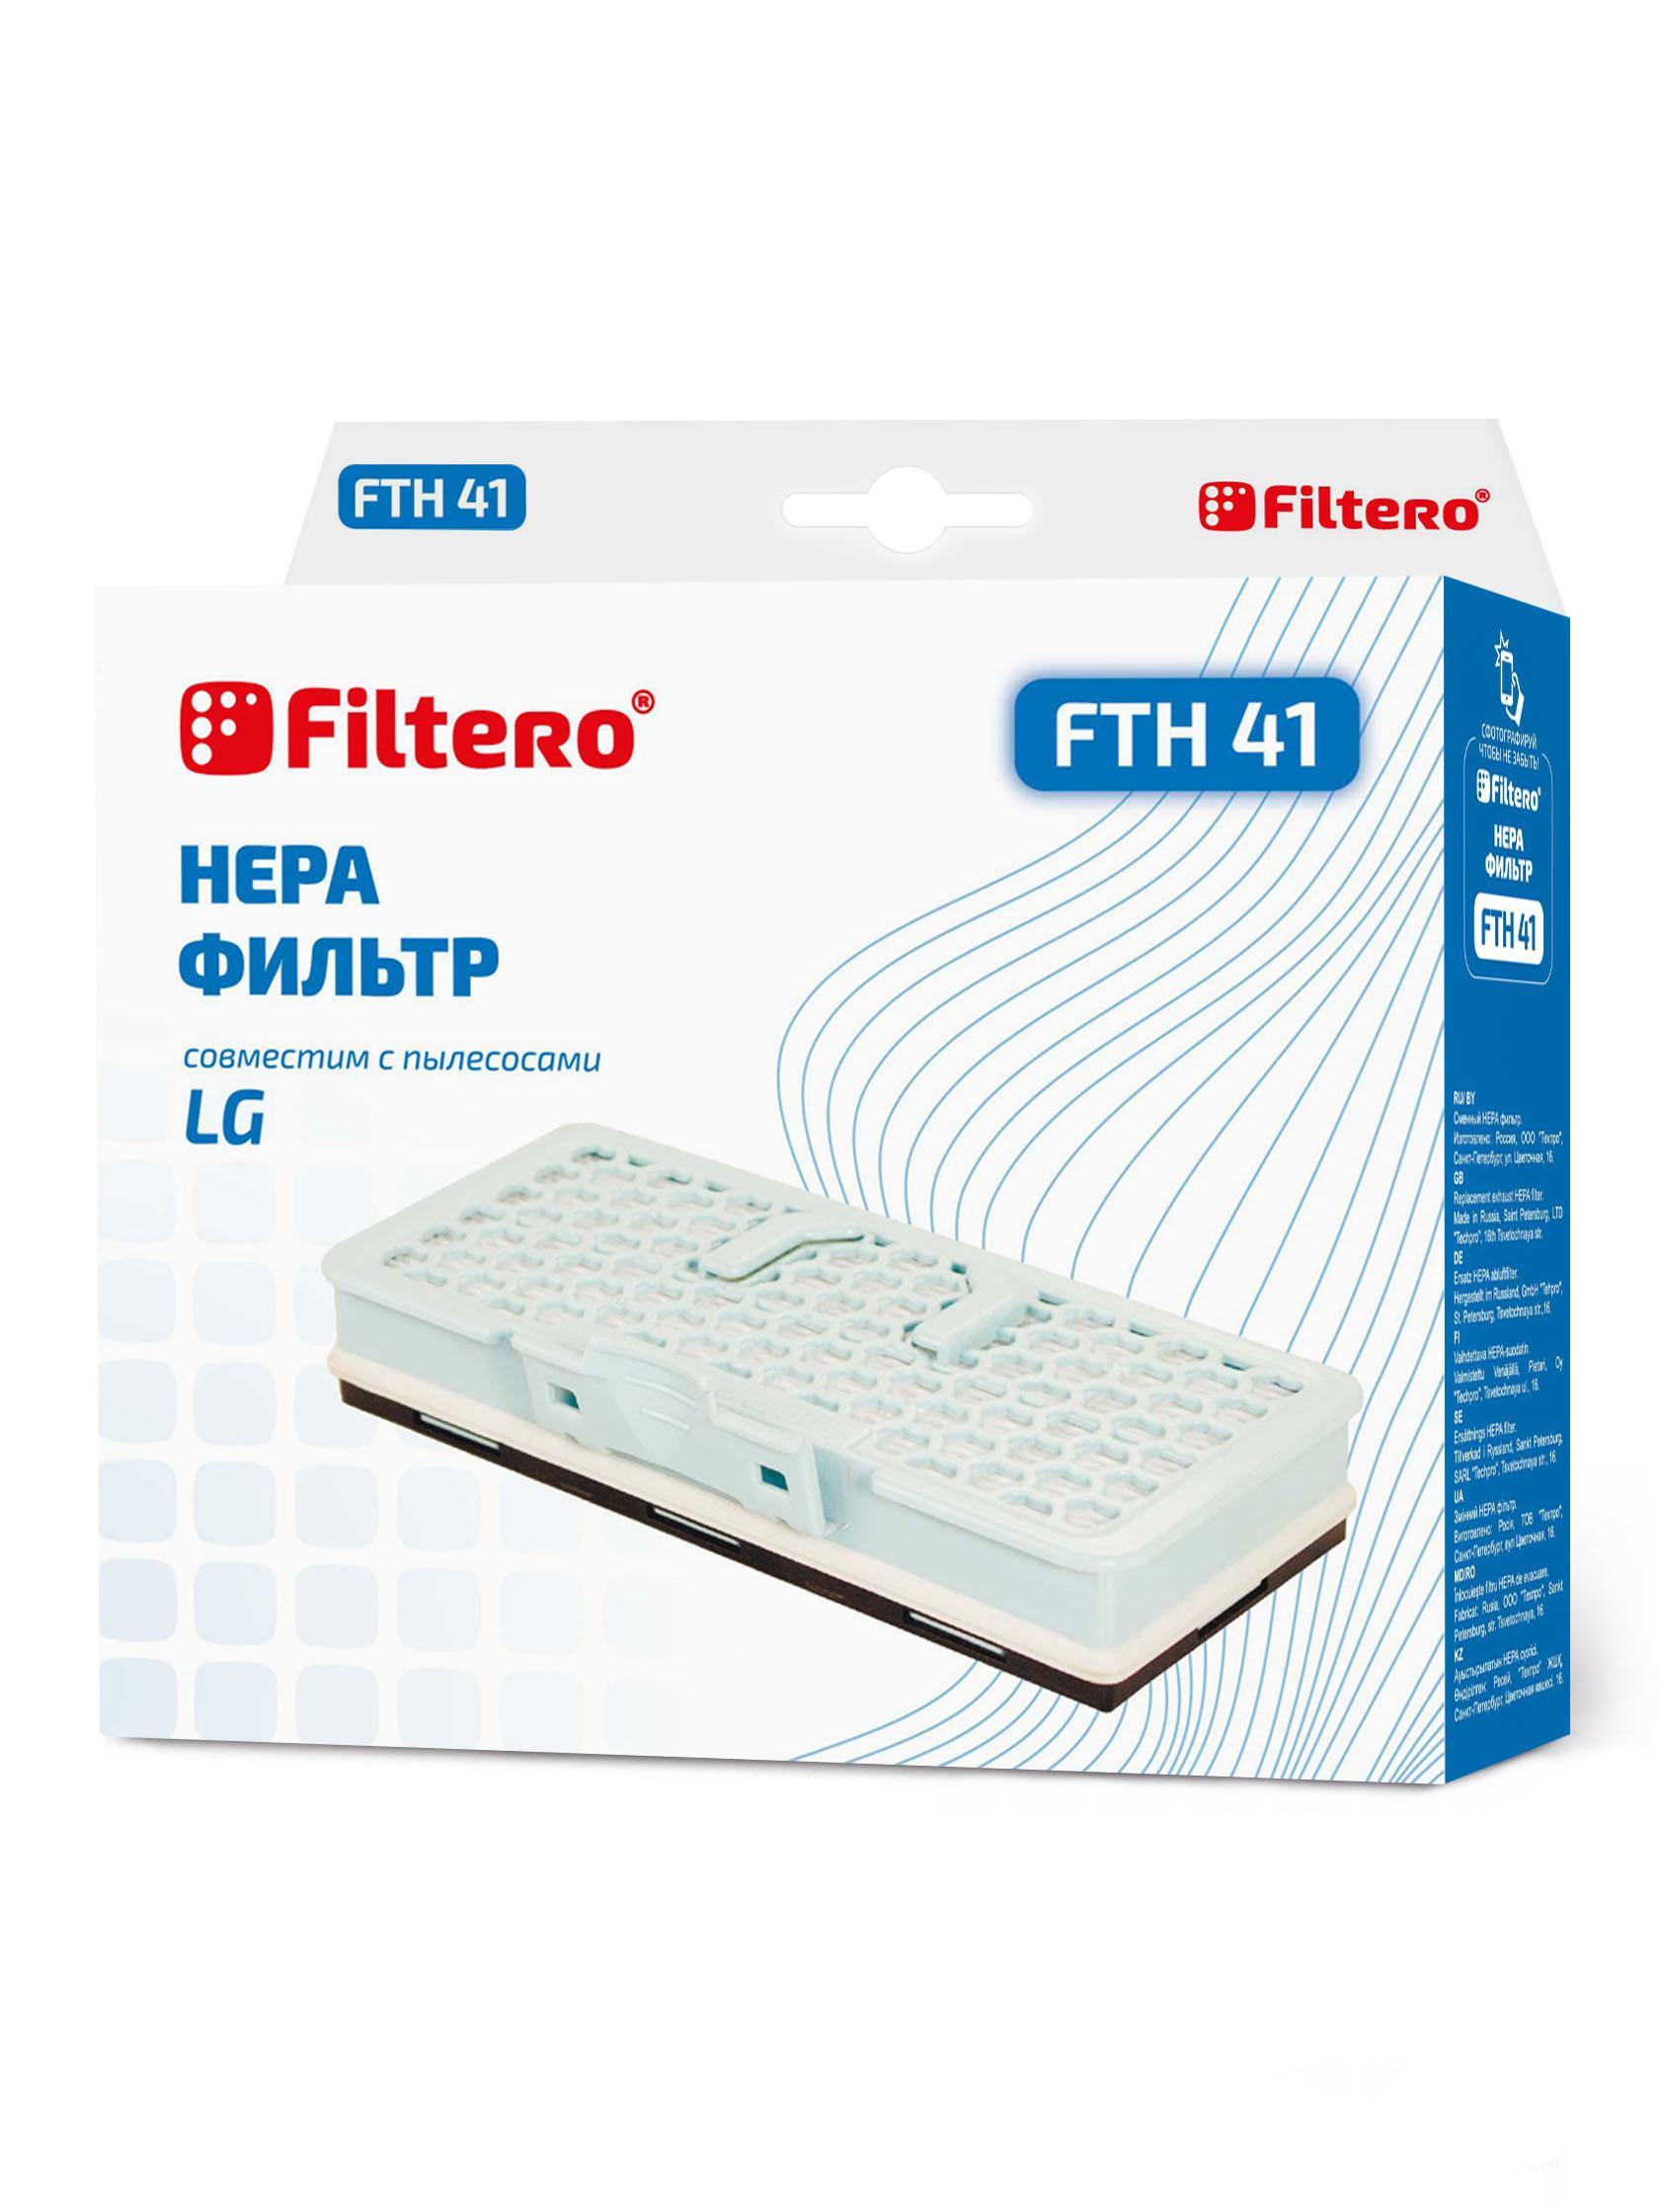 Фильтр Filtero Fth 41 hepa